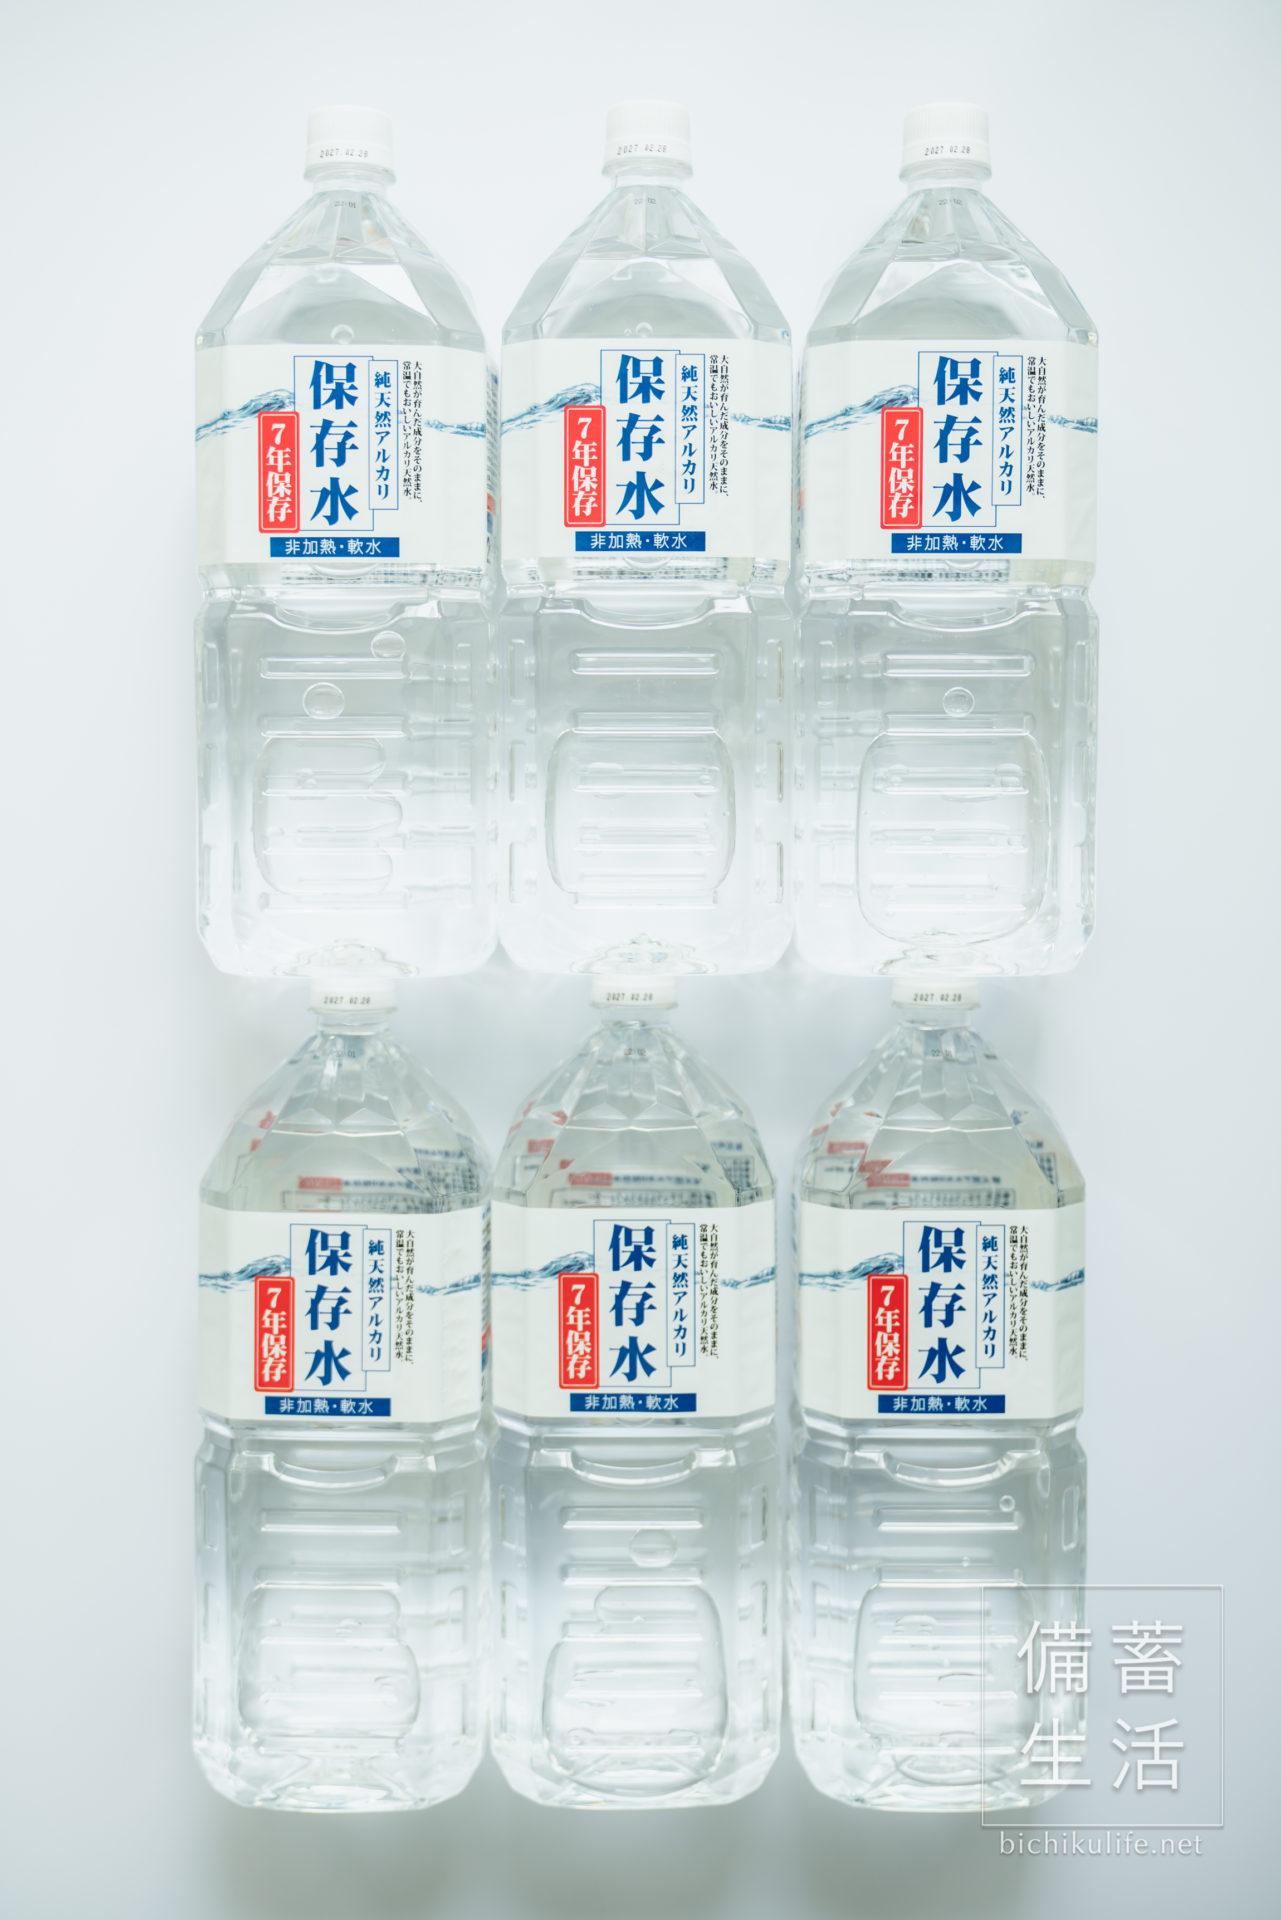 ケイエフジー 純天然アルカリ保存水 7年保存